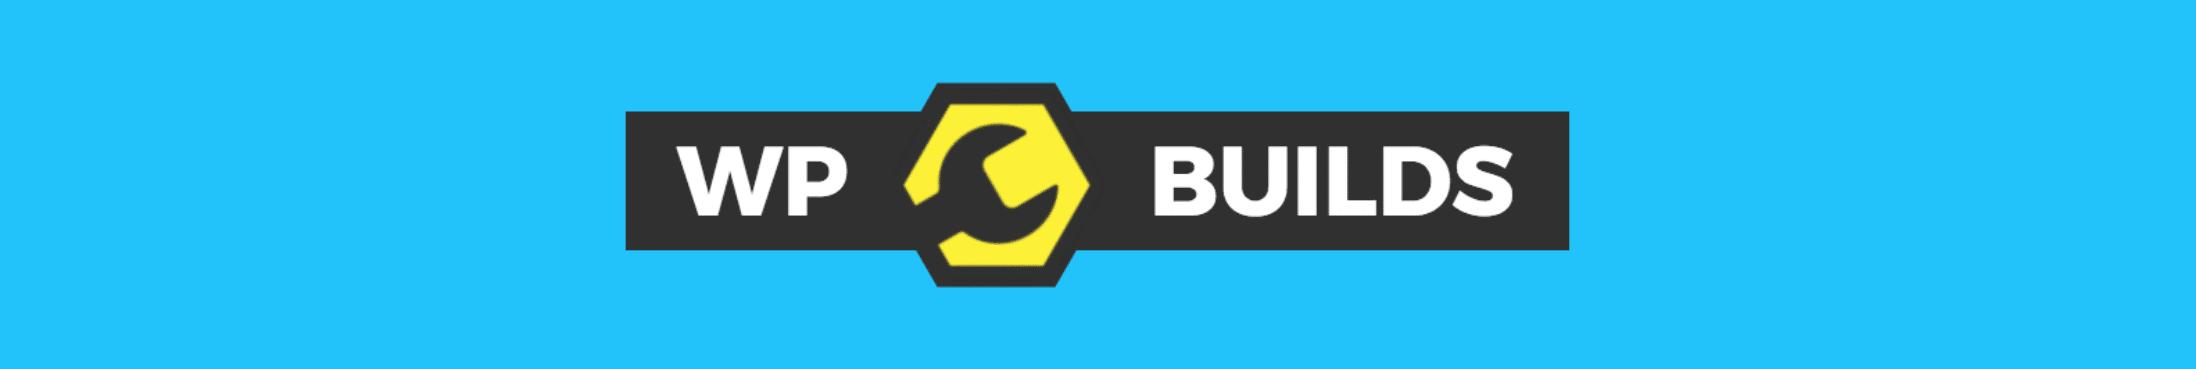 WP Builds un podcast